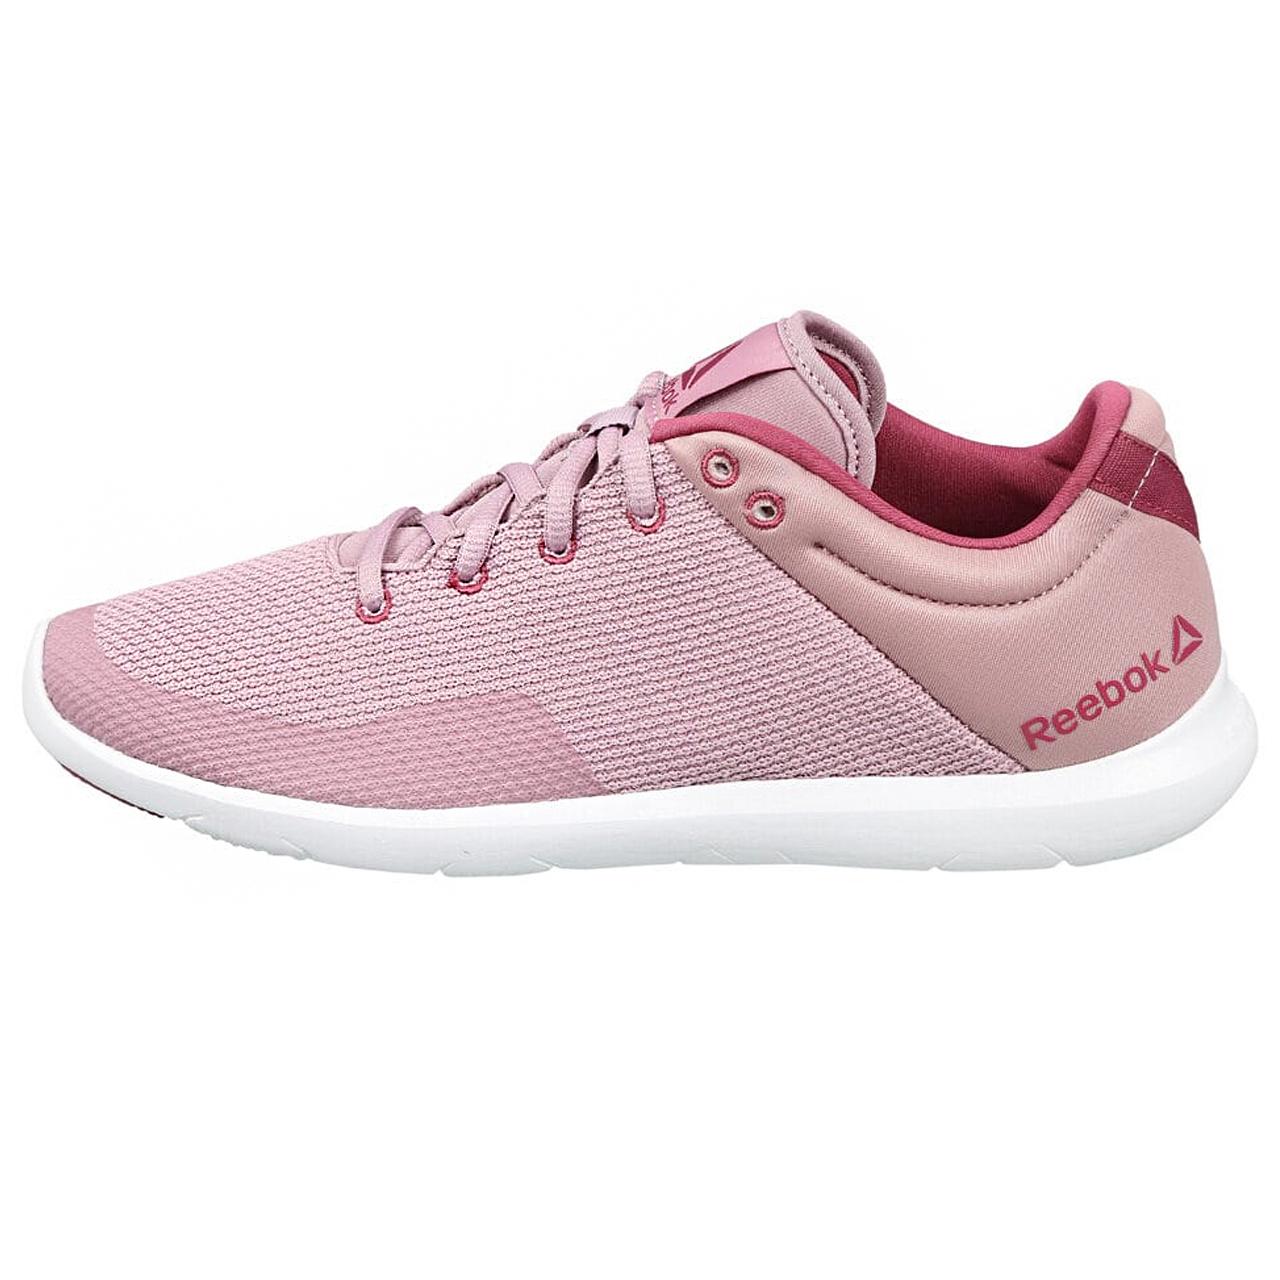 کفش مخصوص پیاده روی زنانه ریباک کد Studio-W CN4870